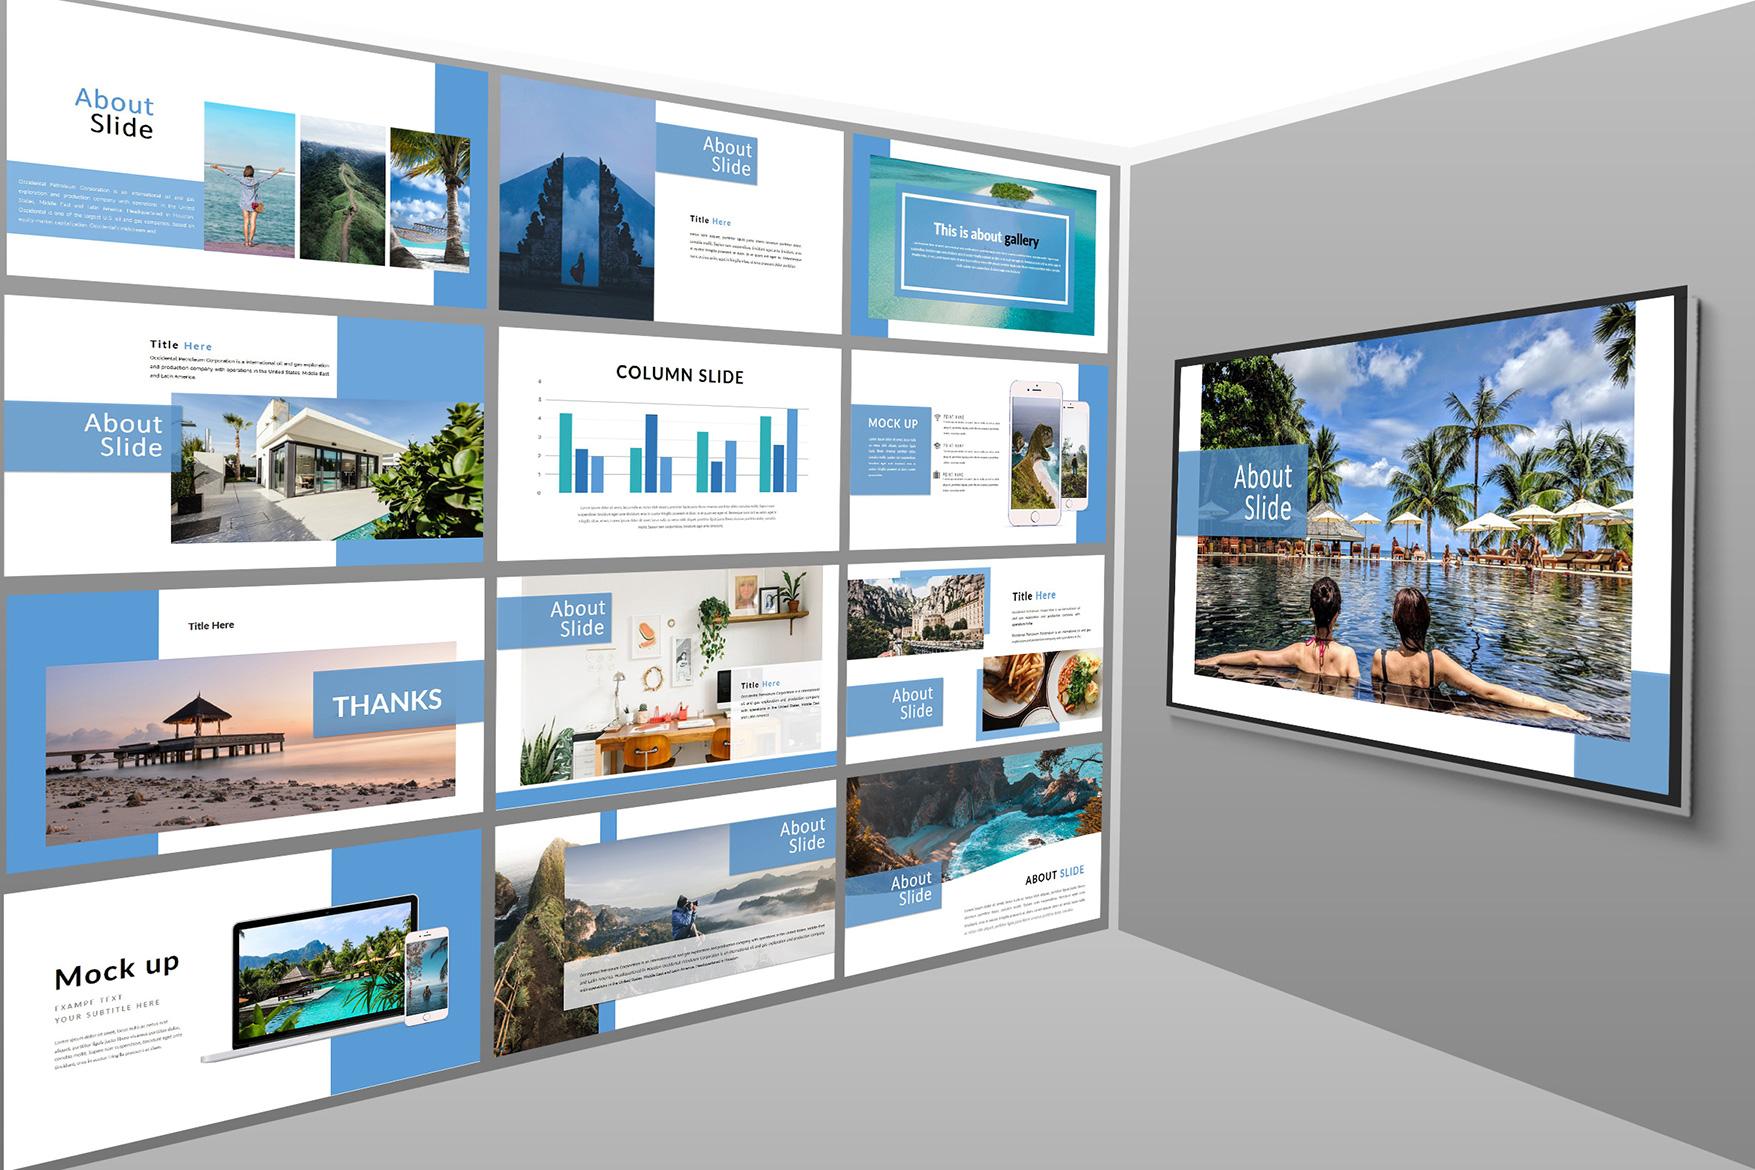 Holiday - Google Slides Presentation example image 4